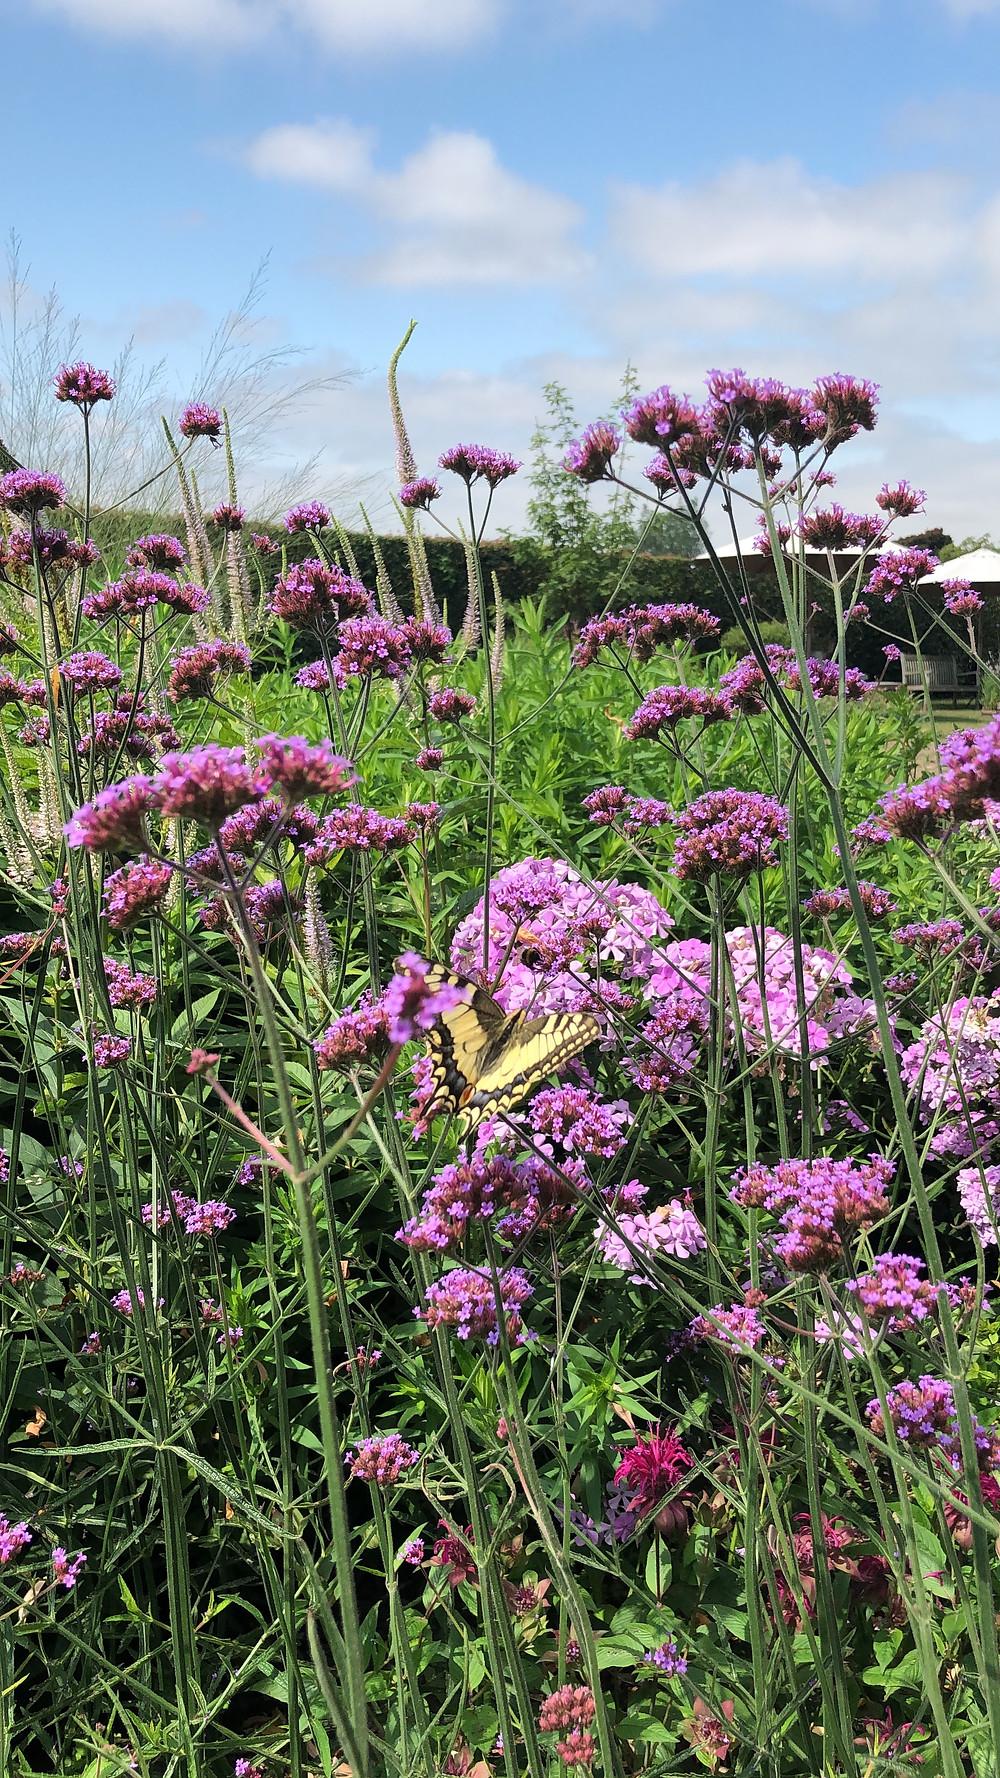 Wil jij ook een vlindervriendelijke tuin en genieten van al dat vrolijke gefladder, maar weet je niet welke planten daar het beste geschikt voor zijn? Lees hier welke vlinder bij welke plant hoort